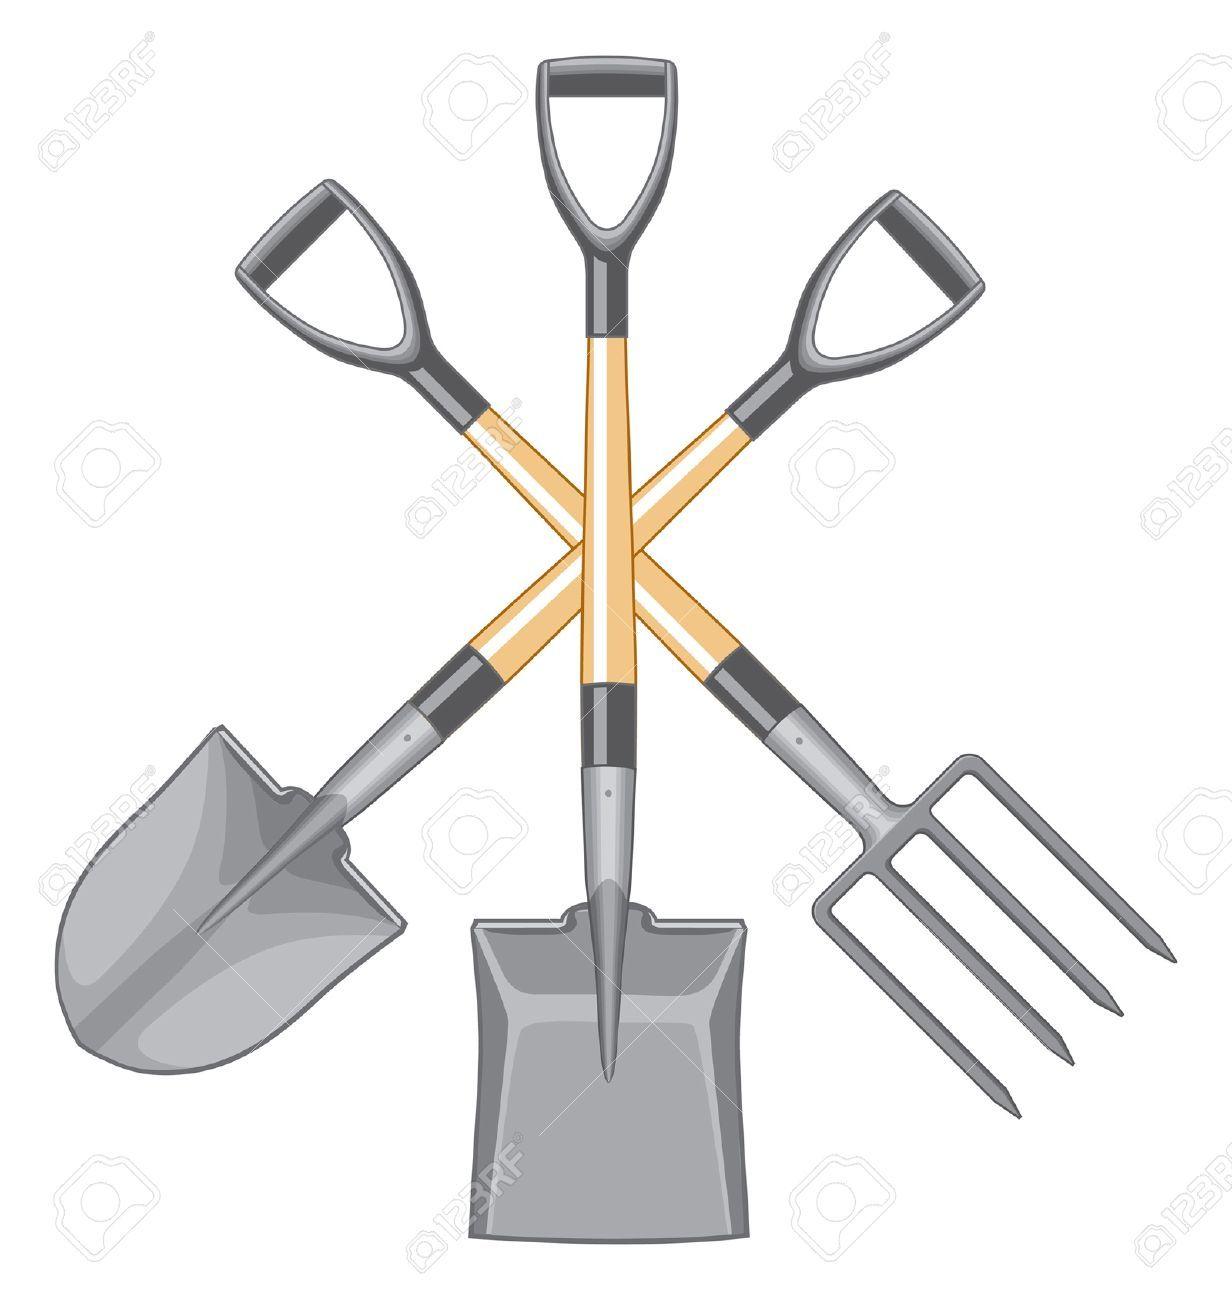 pitchfork garden tool clip art.